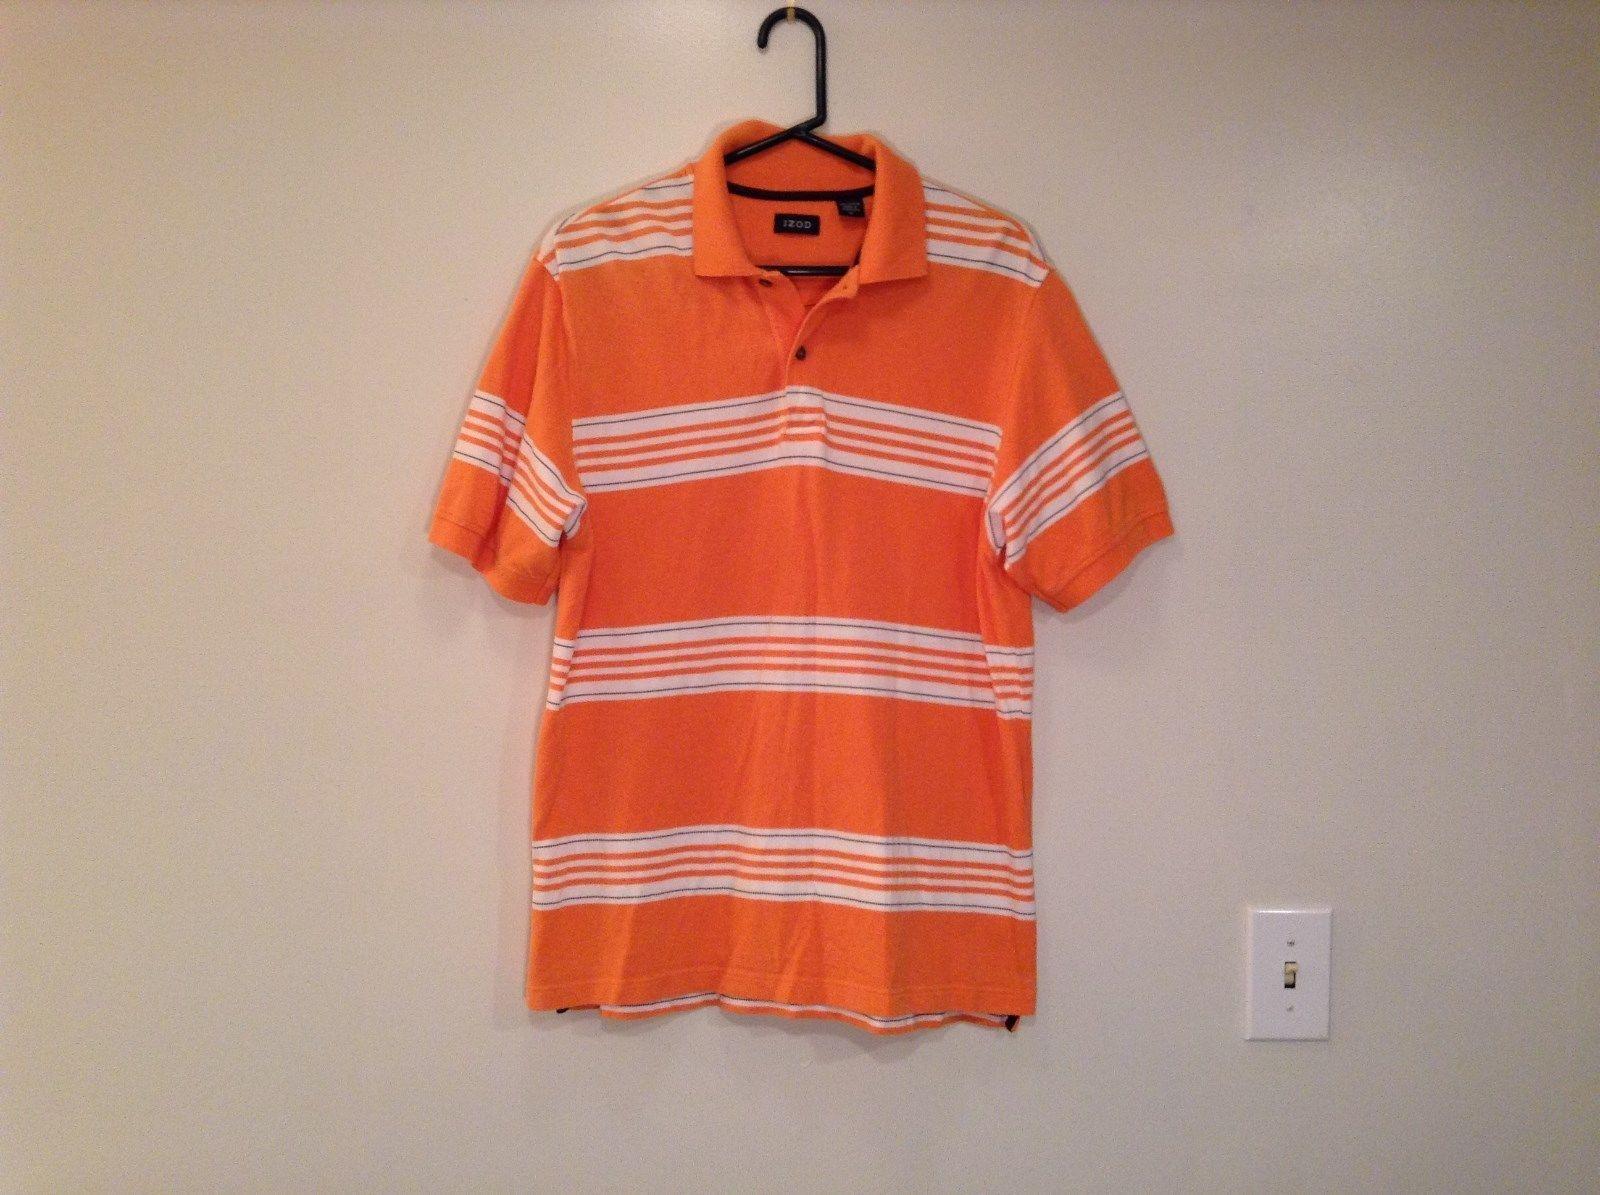 Orange with White and Black Stripes IZOD Size Medium Short Sleeve Polo Shirt